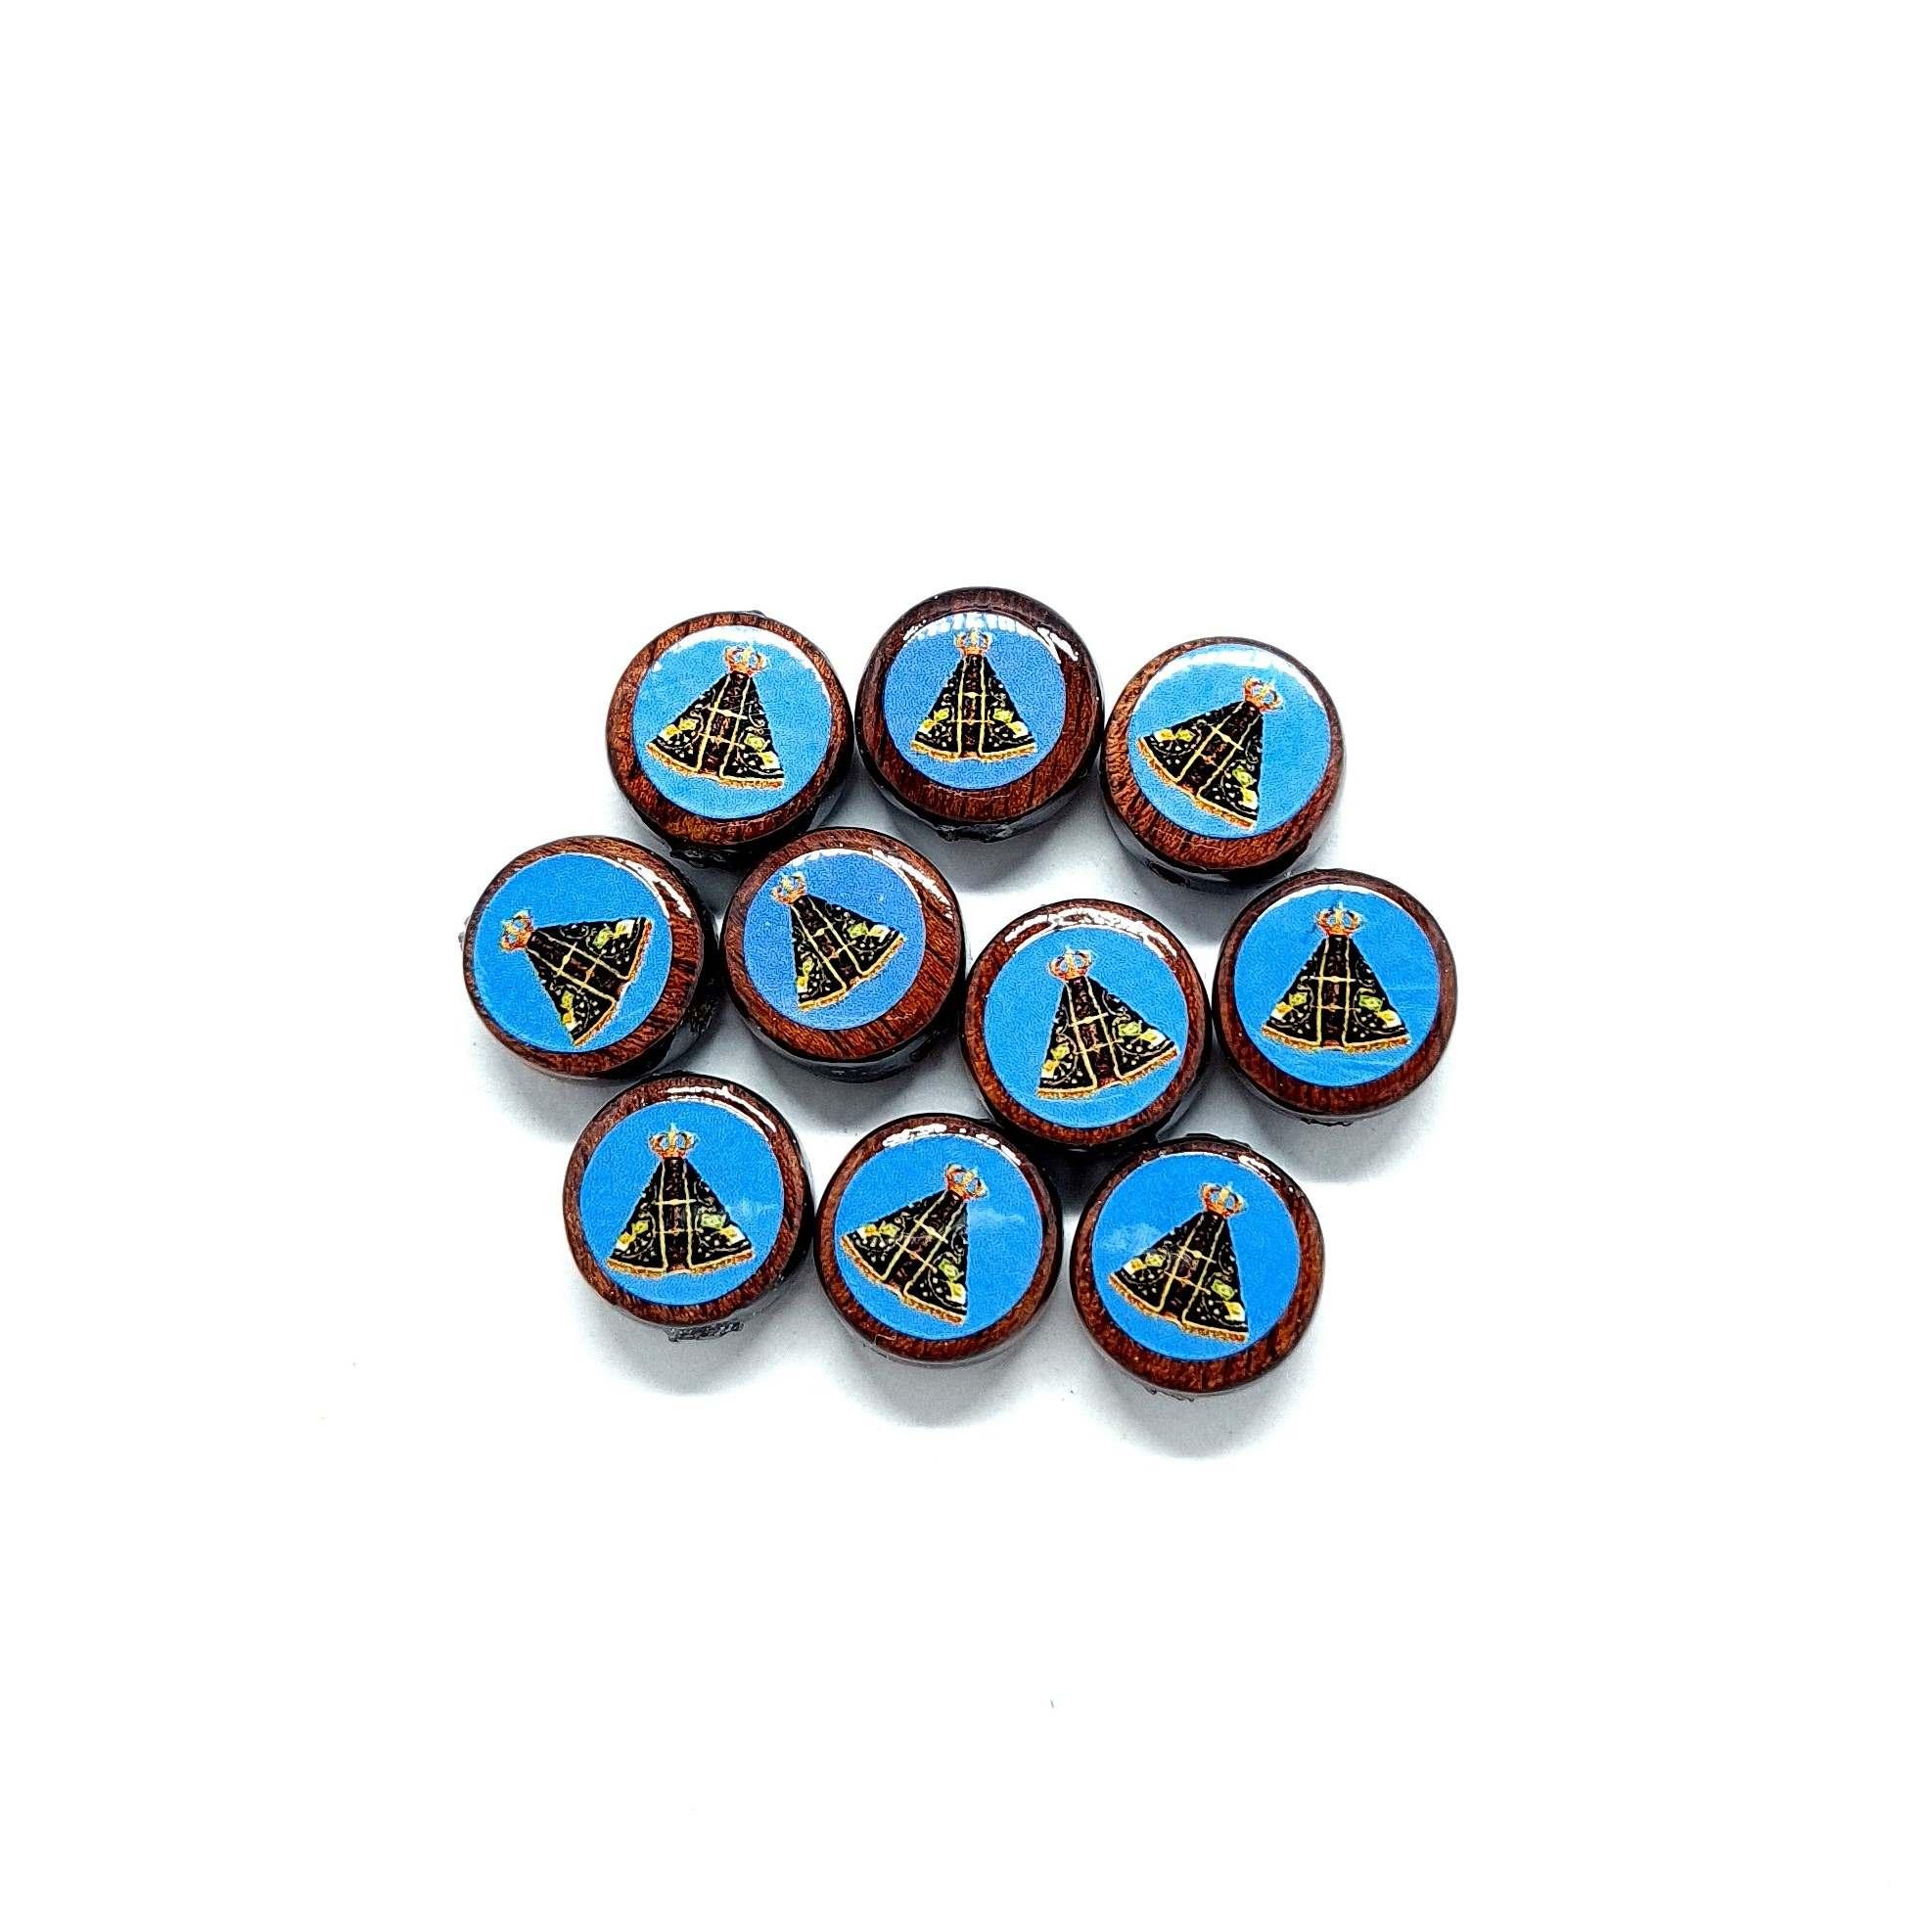 Medalha Pequena de Nossa Senhora Aparecida 2 furos - 10 unidades